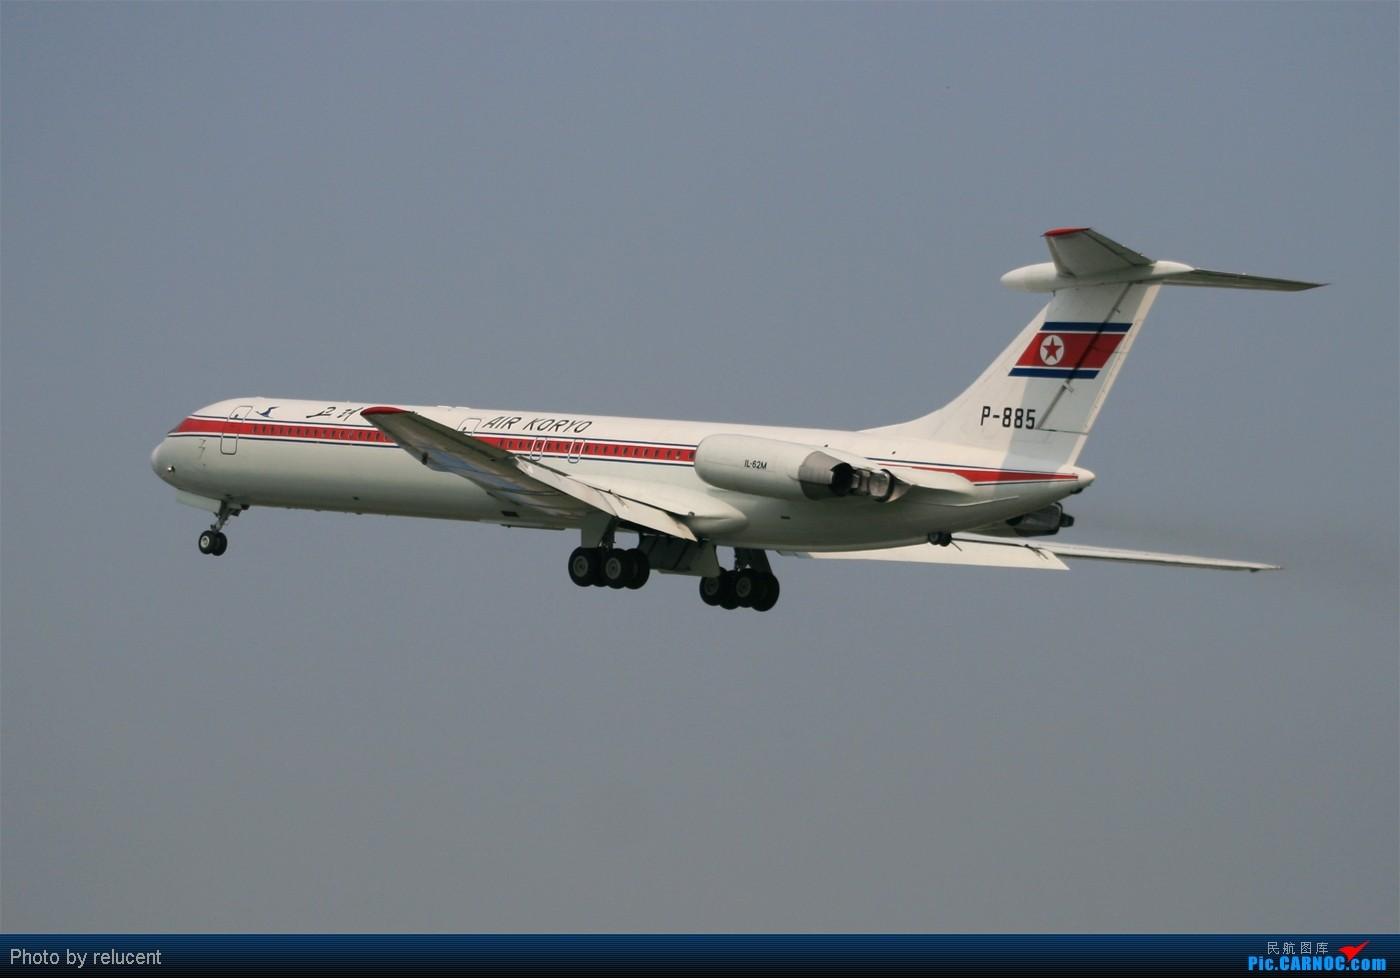 大鸡吧愹il�.���m_re:[原创]几天来拍摄朝鲜高丽航空集合 ilyushin il-62m p-885 中国